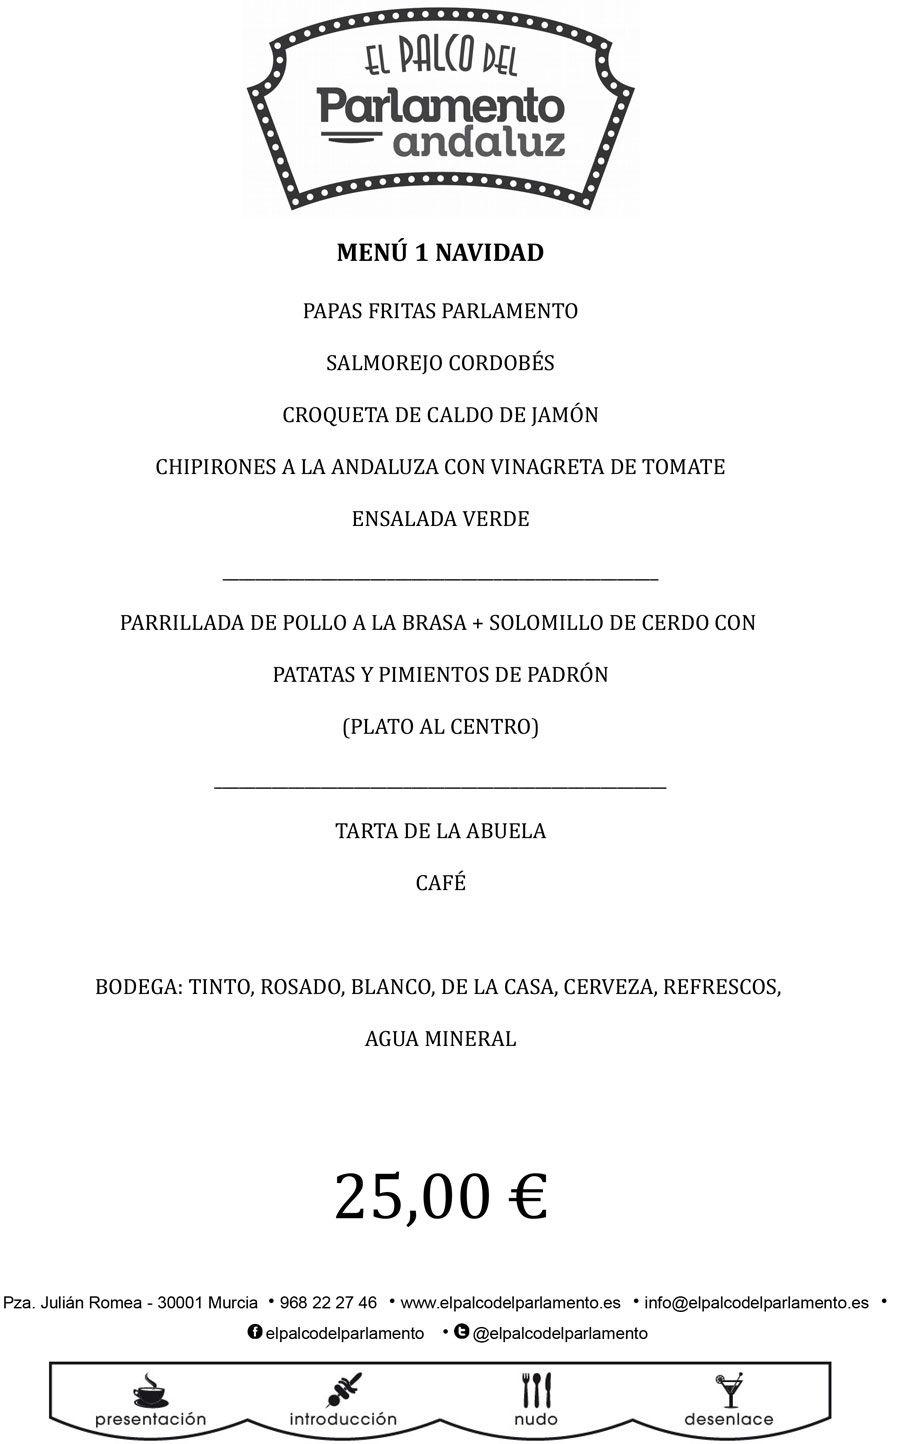 menu de navidad de el palco del parlamento